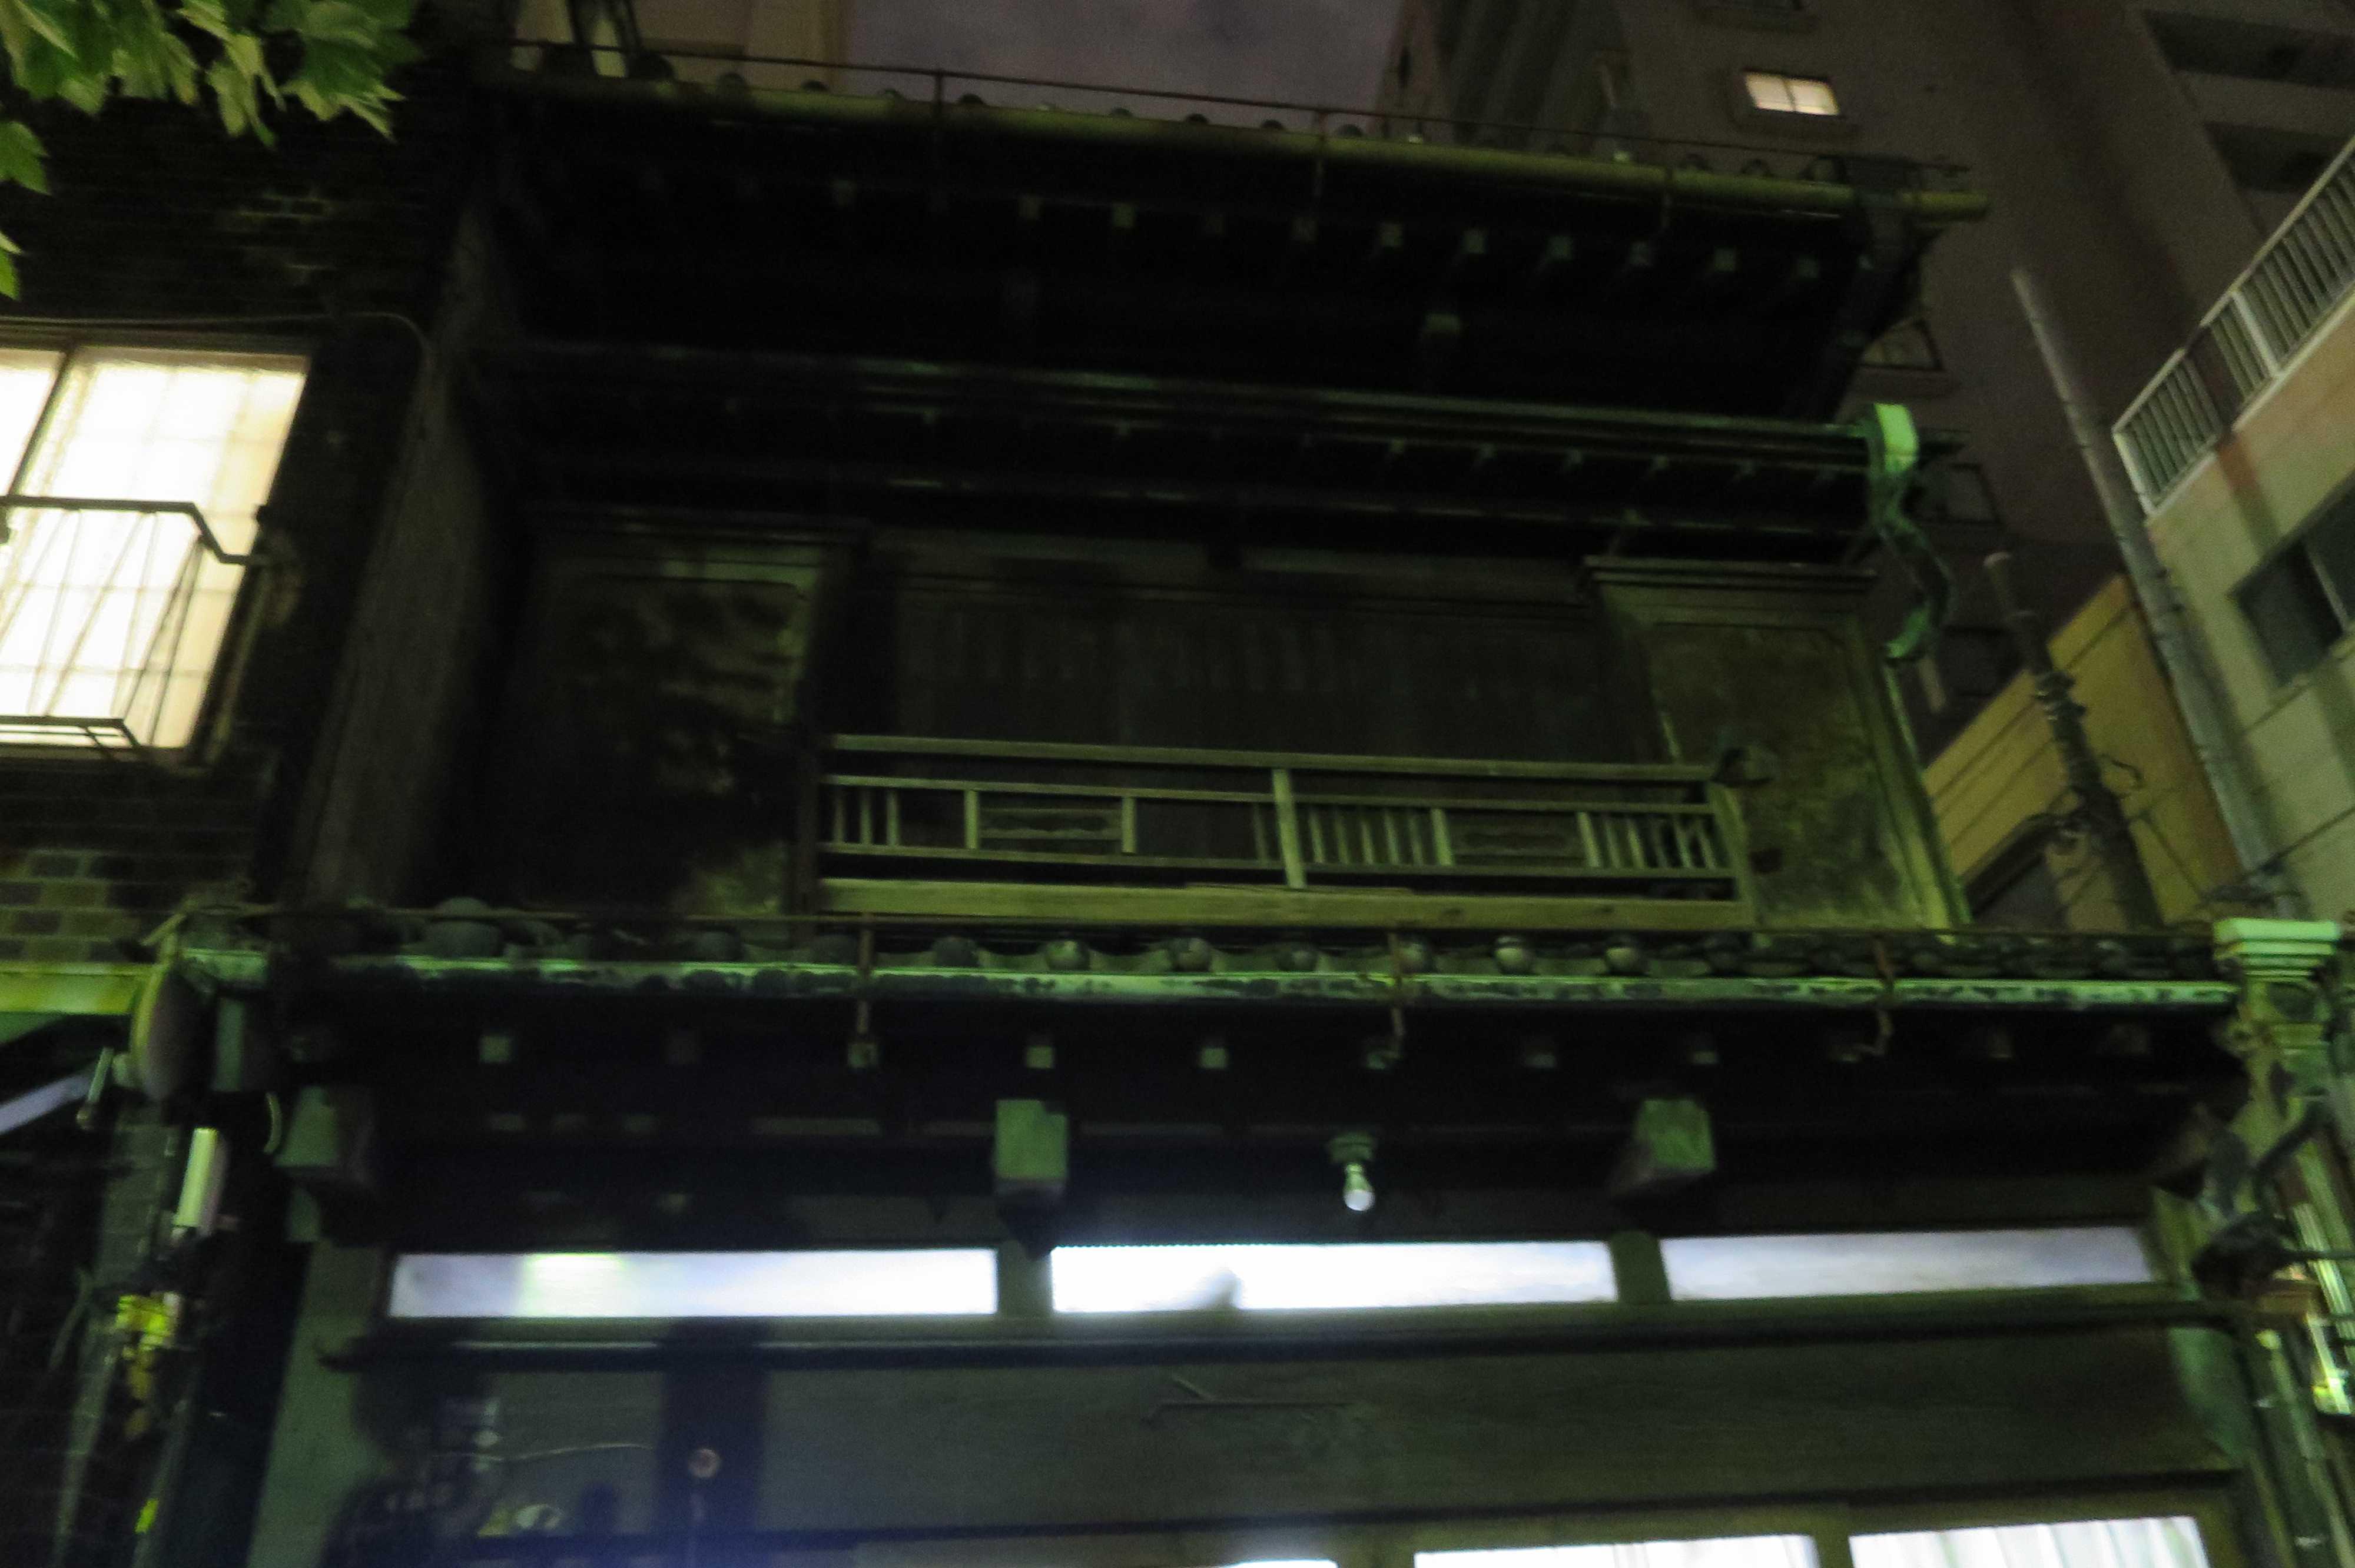 築地エリア - 町家建築「乾電機」の2階